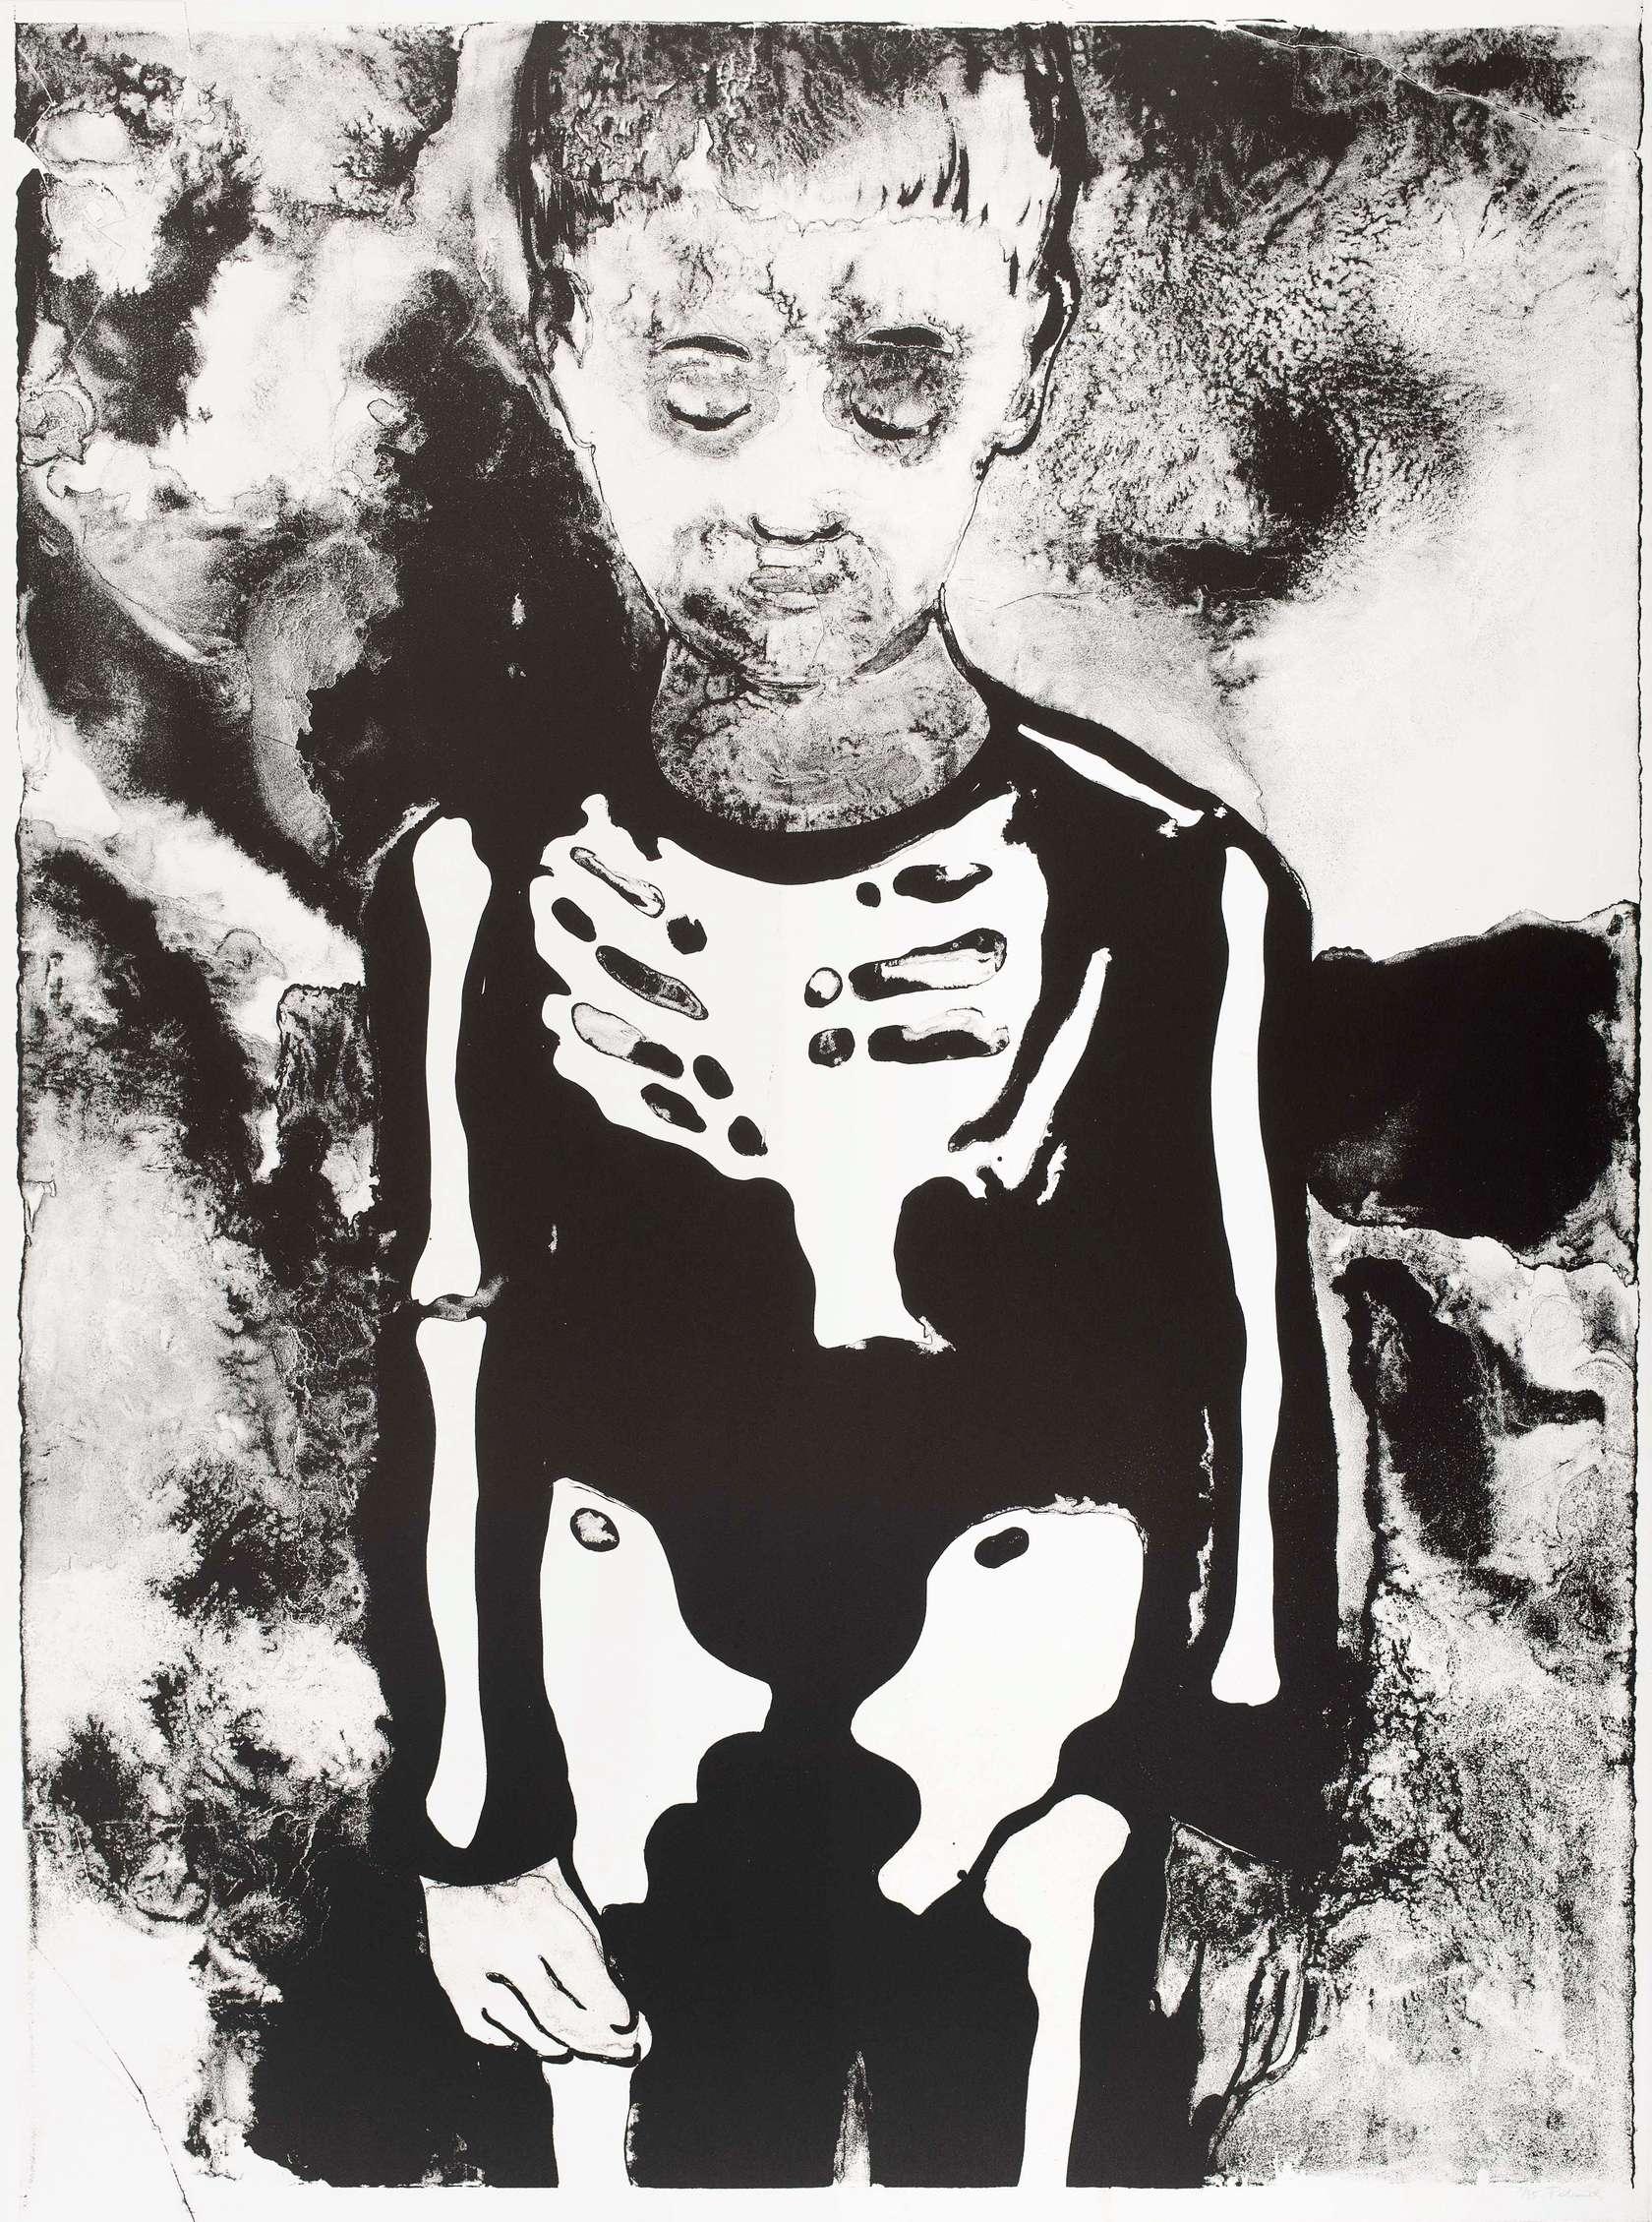 Françoise Pétrovitch Choix multiples - Estampes de la collection Mel Publisher Galerie Arts Factory, Paris (FR) 23 janvier  — 9 mars 2019